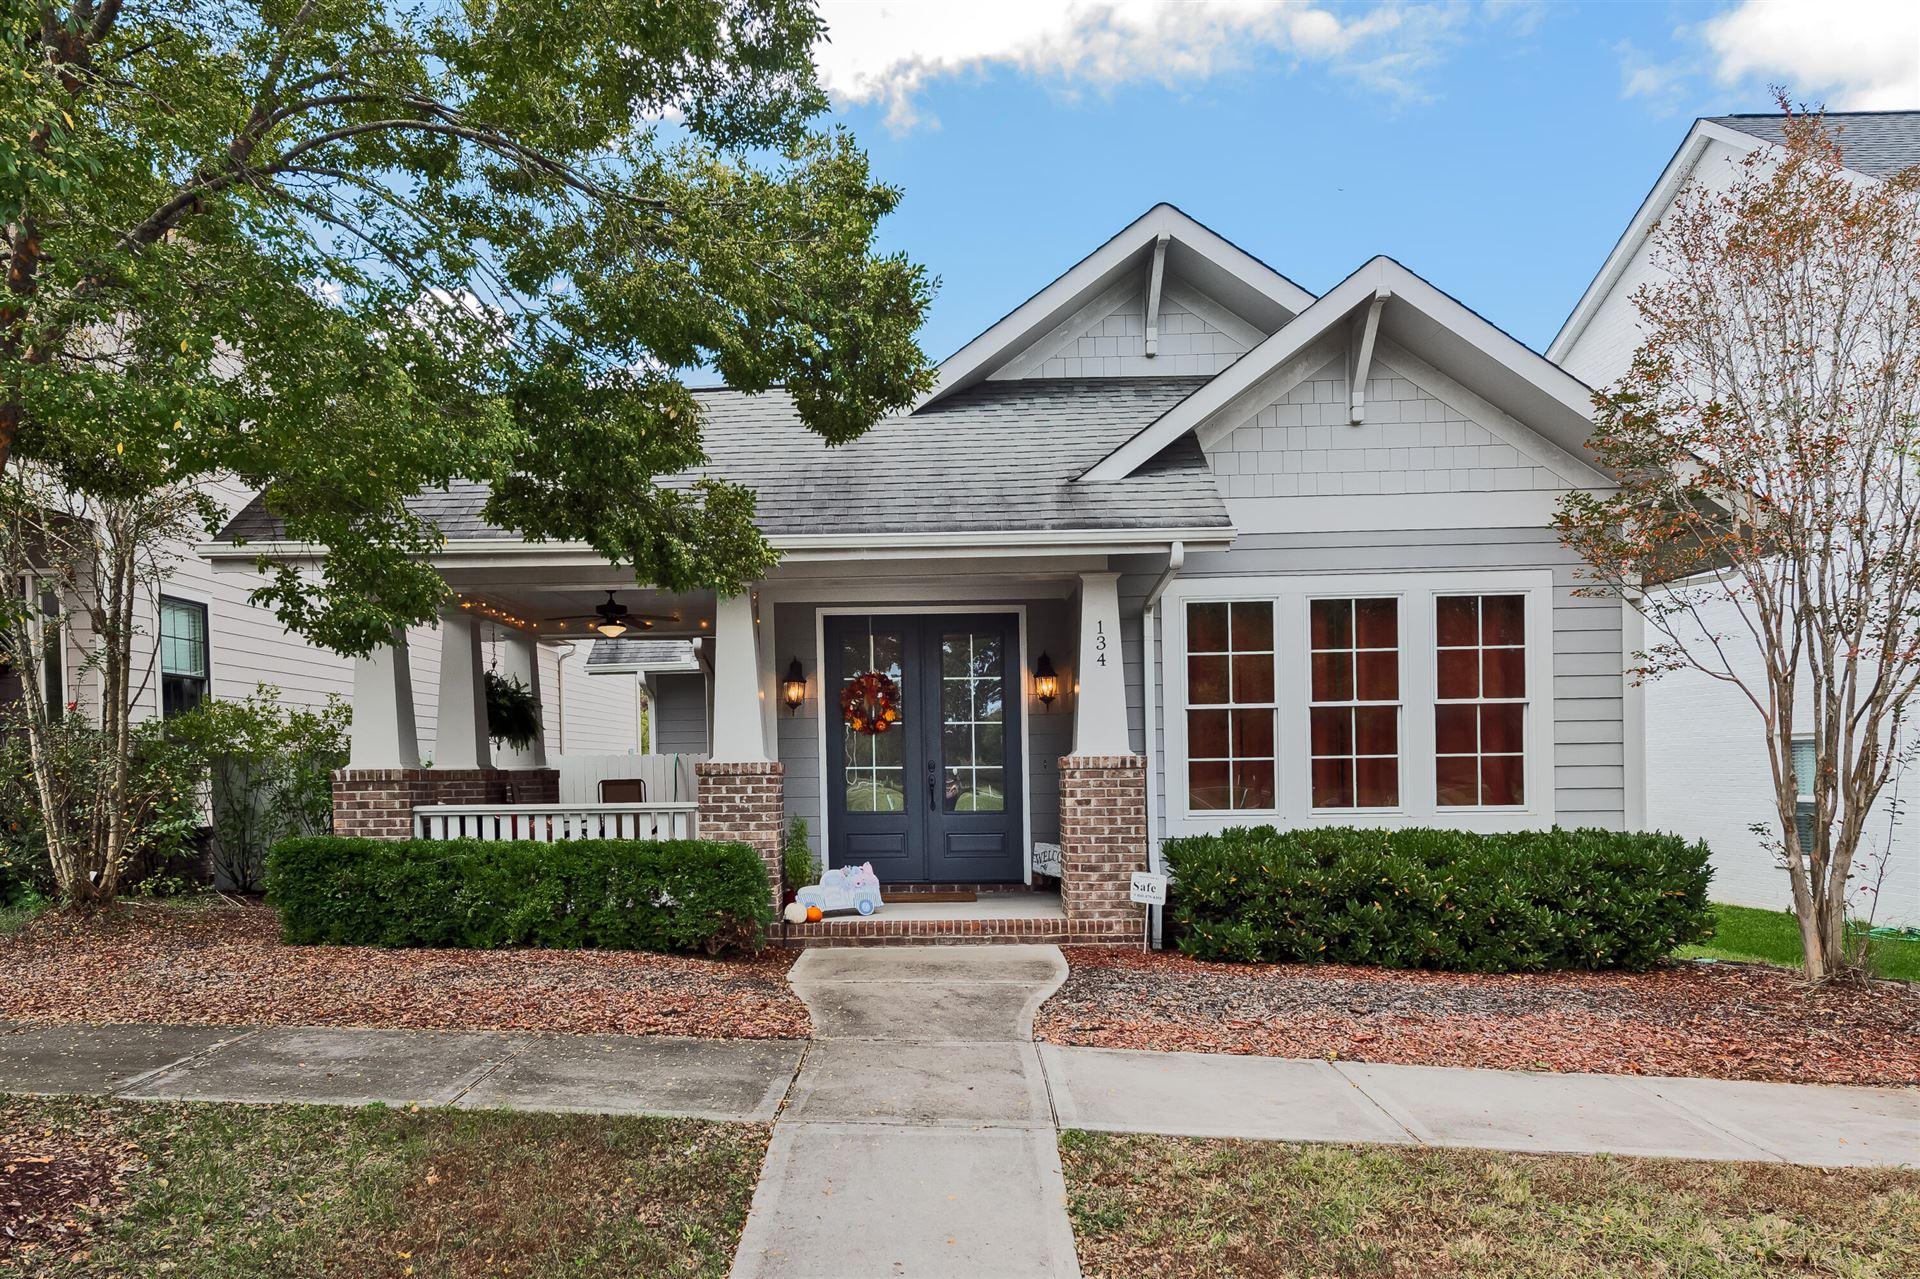 Photo of 134 E Groves Park Blvd, Oak Ridge, TN 37830 (MLS # 1170283)